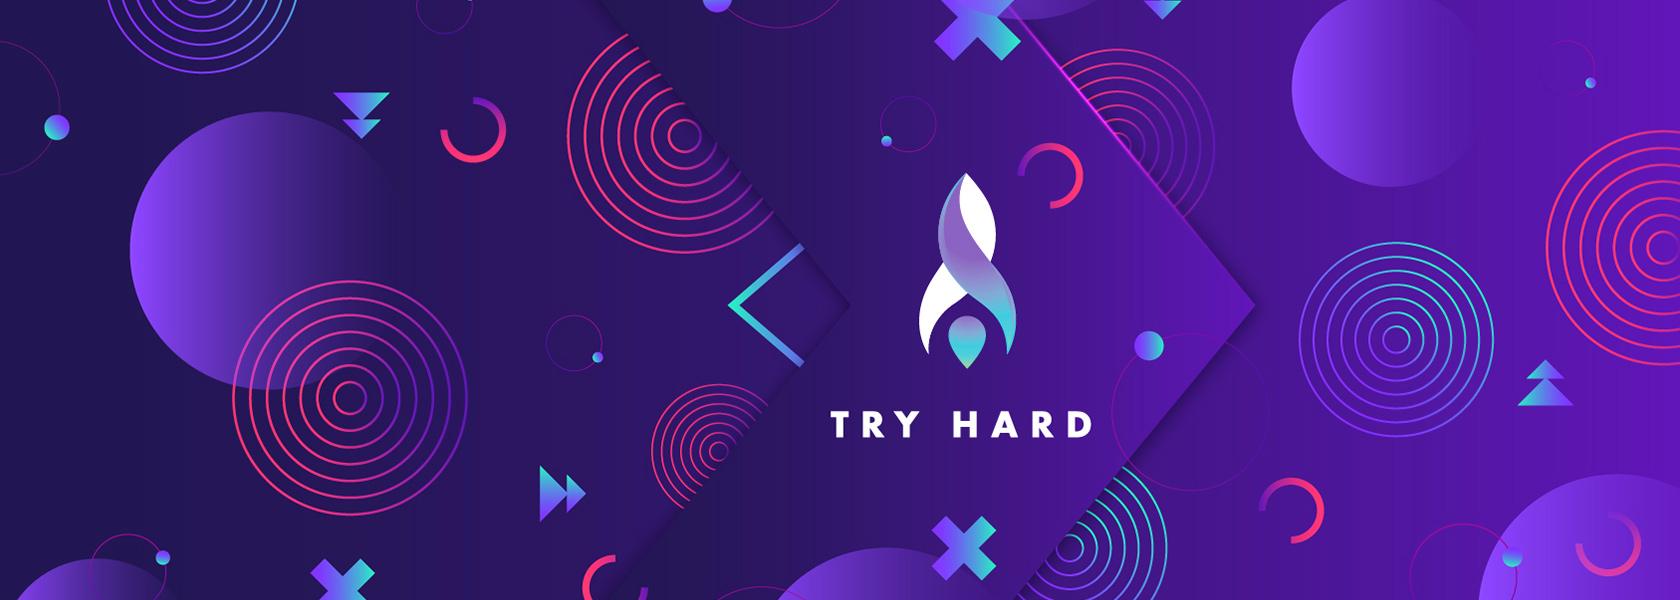 Try hard разработка лого